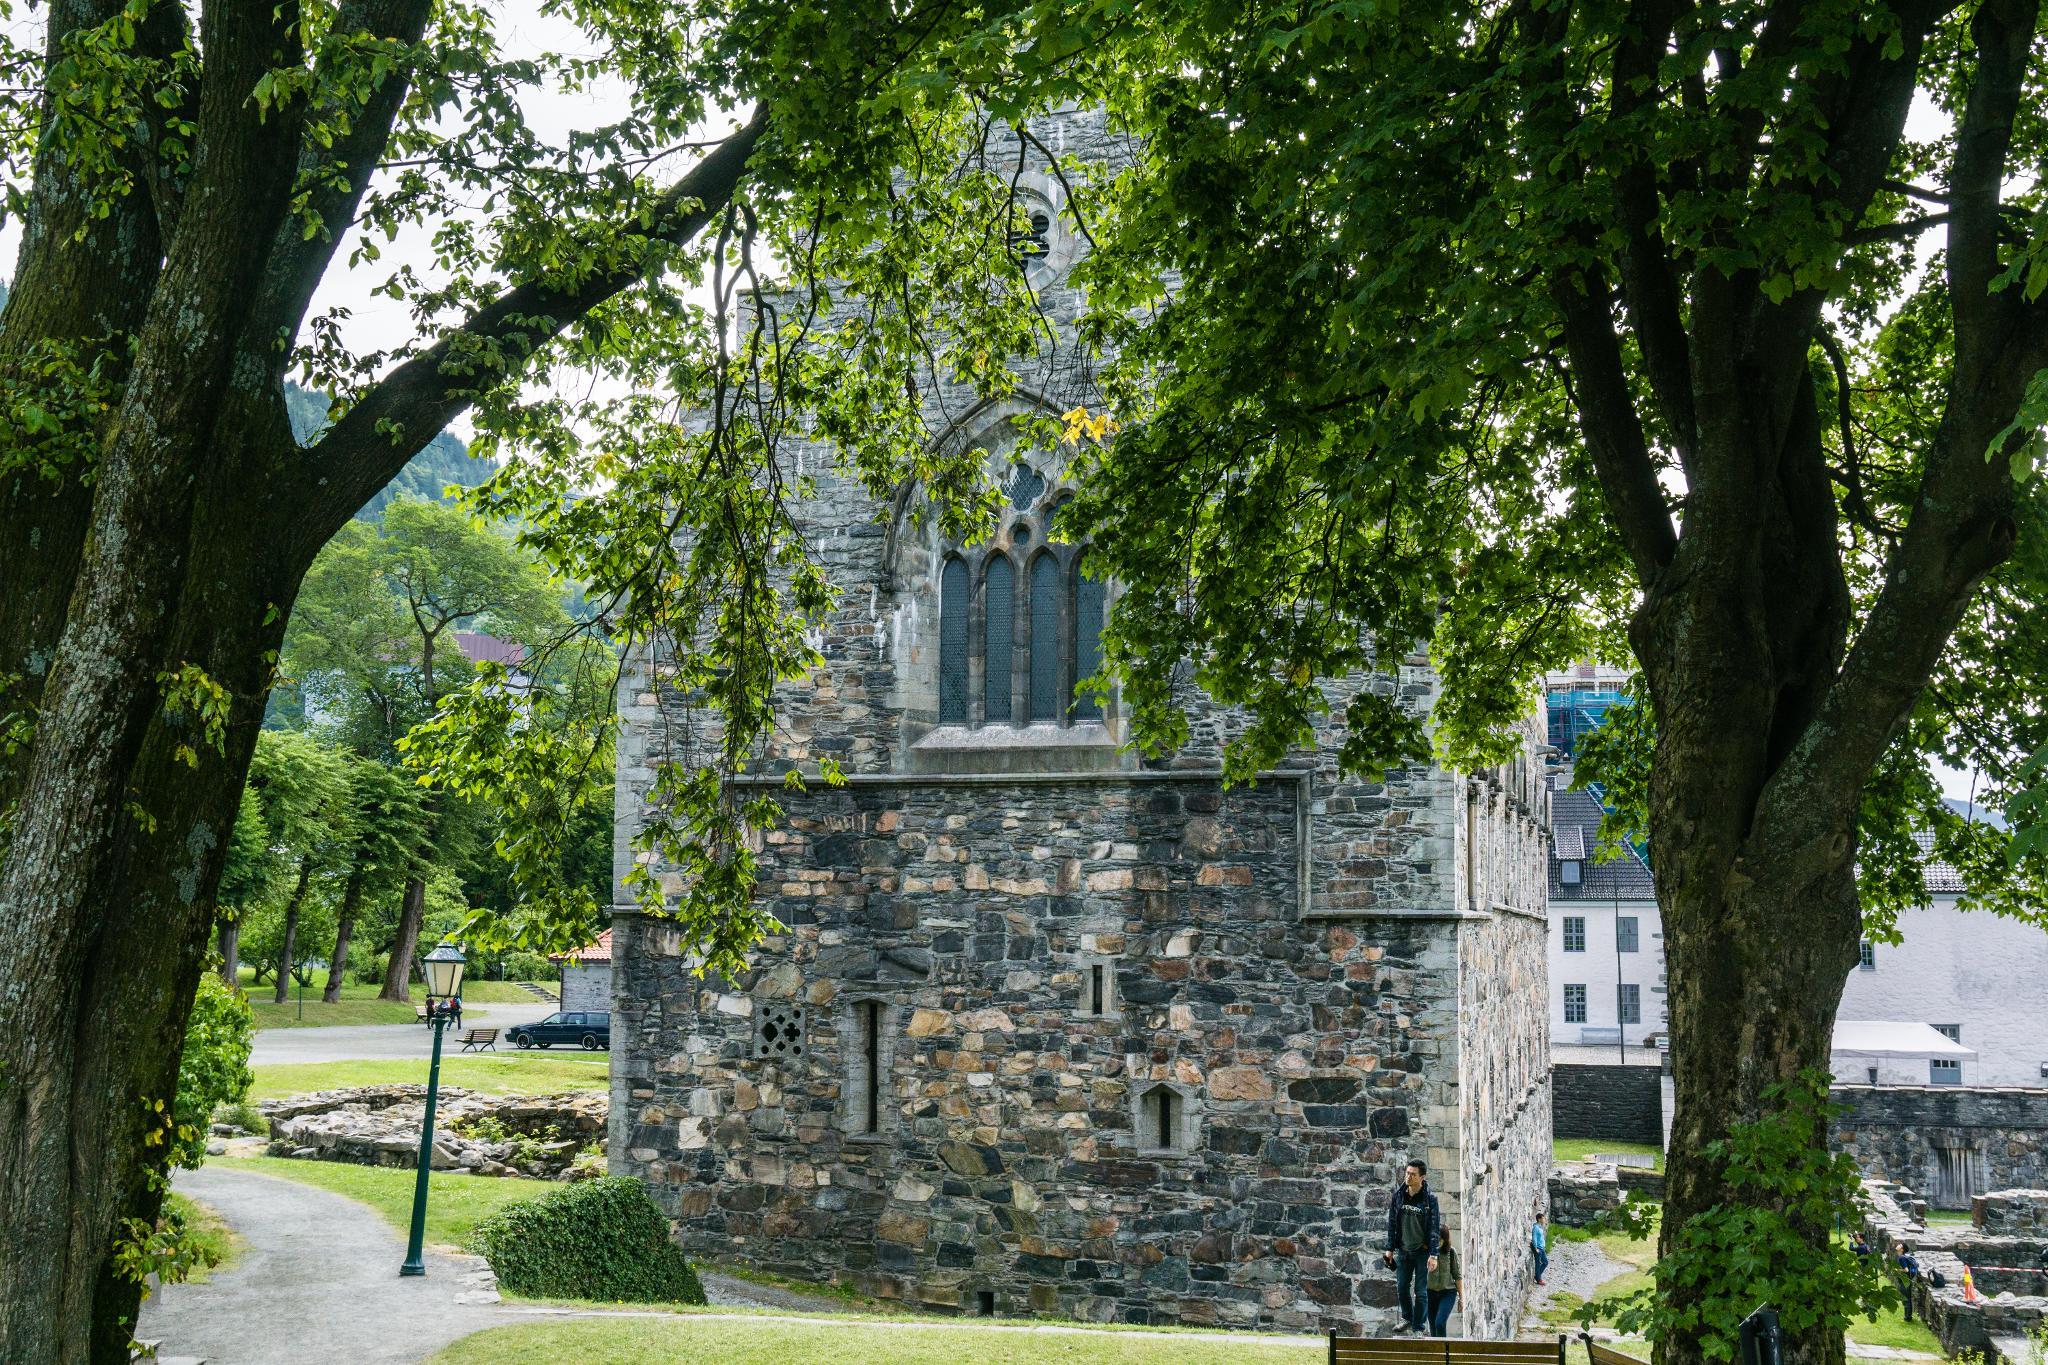 【卑爾根】漫遊卑爾根:卑爾根要塞、哈孔城堡與聖瑪利亞堂 5